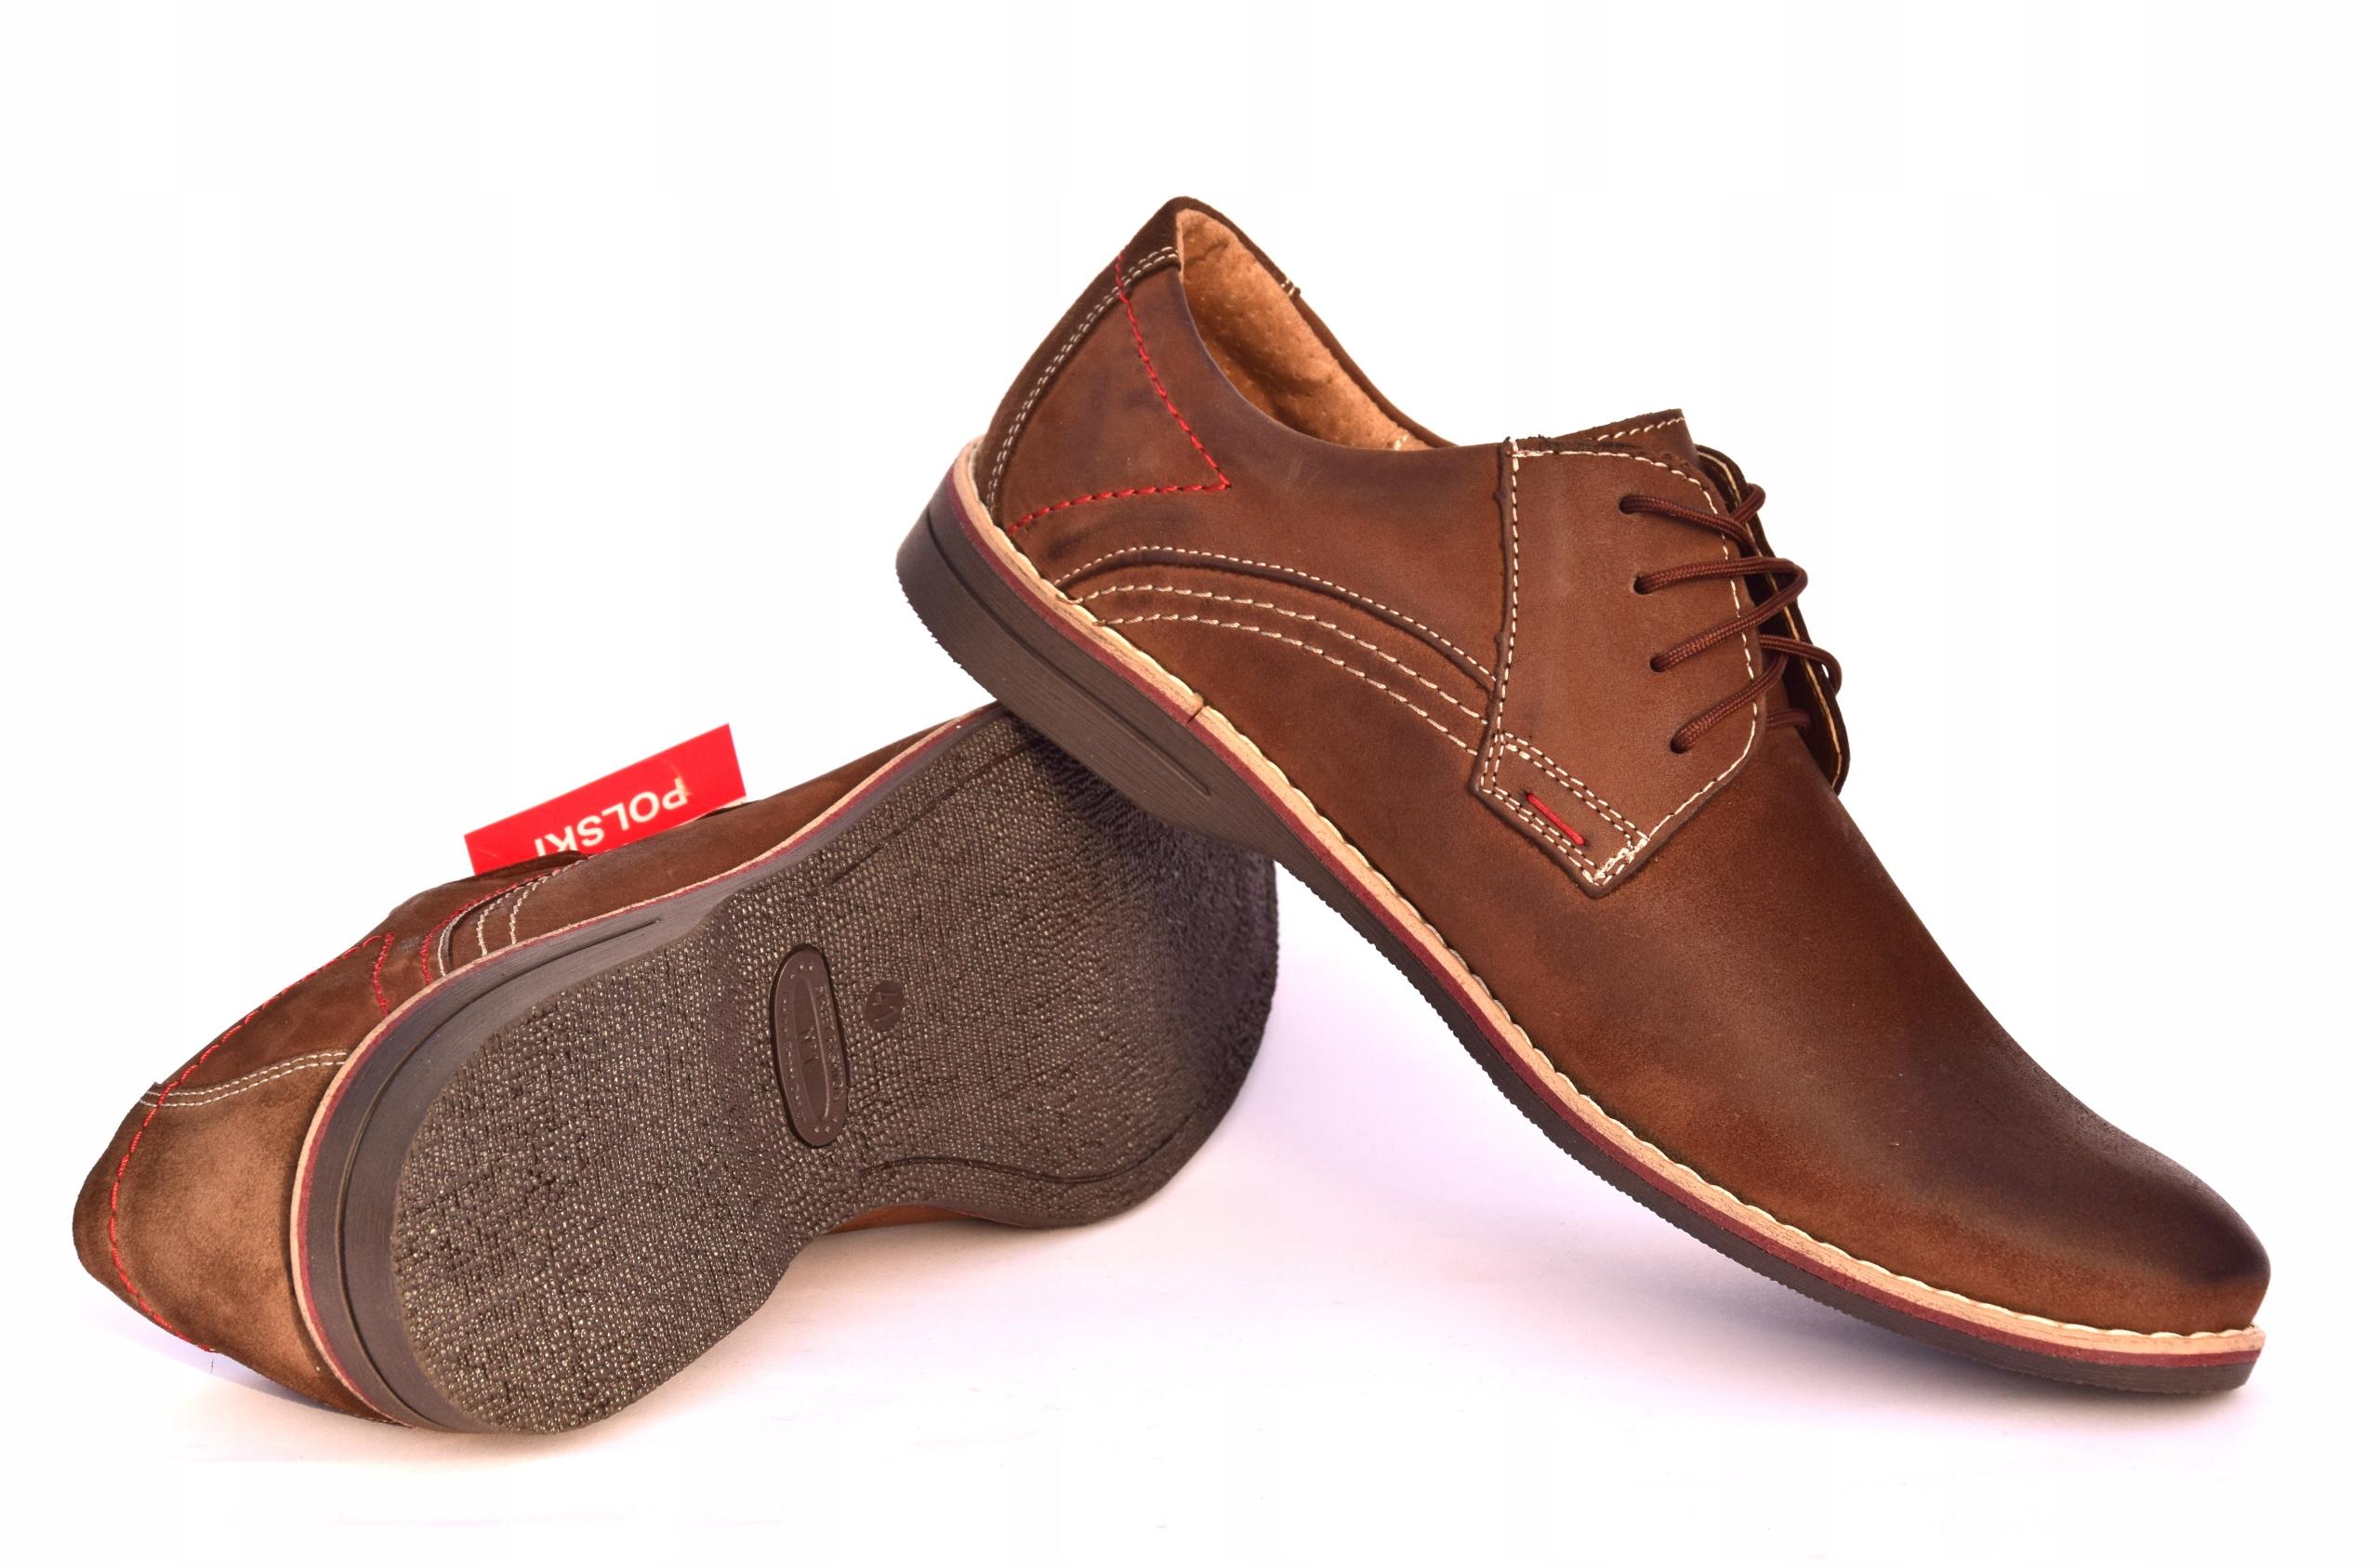 Buty męskie brązowe obuwie skórzane polskie 242 Materiał zewnętrzny skóra naturalna